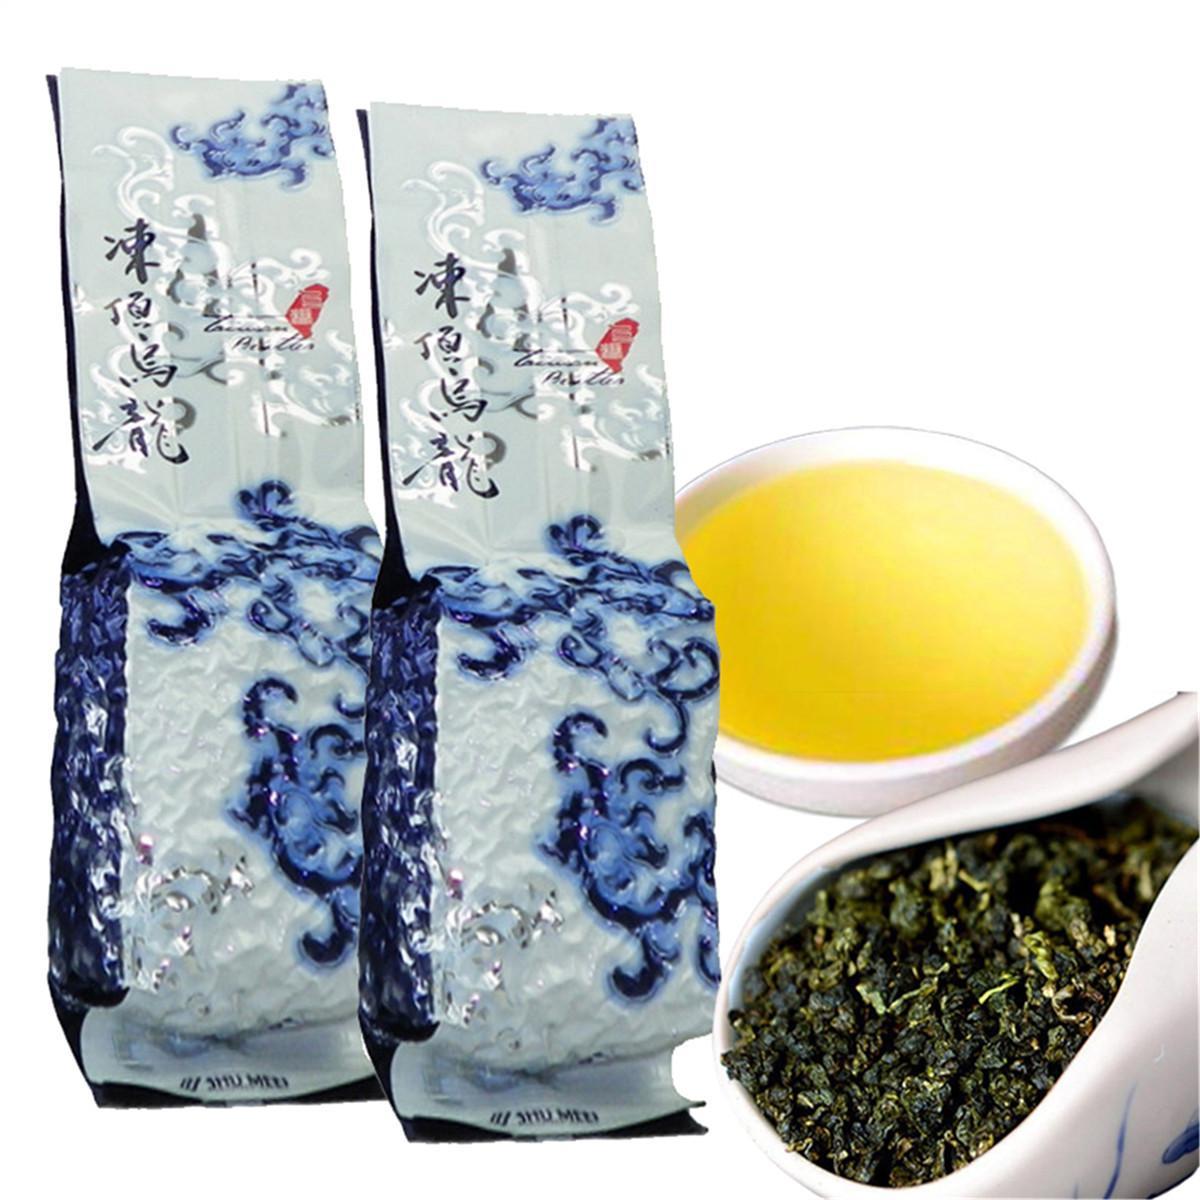 250 г Китайский органический улун чай Тайвань красота высокие горы рекомендуемые Улун новый весенний чай здоровая зеленая еда продвижение